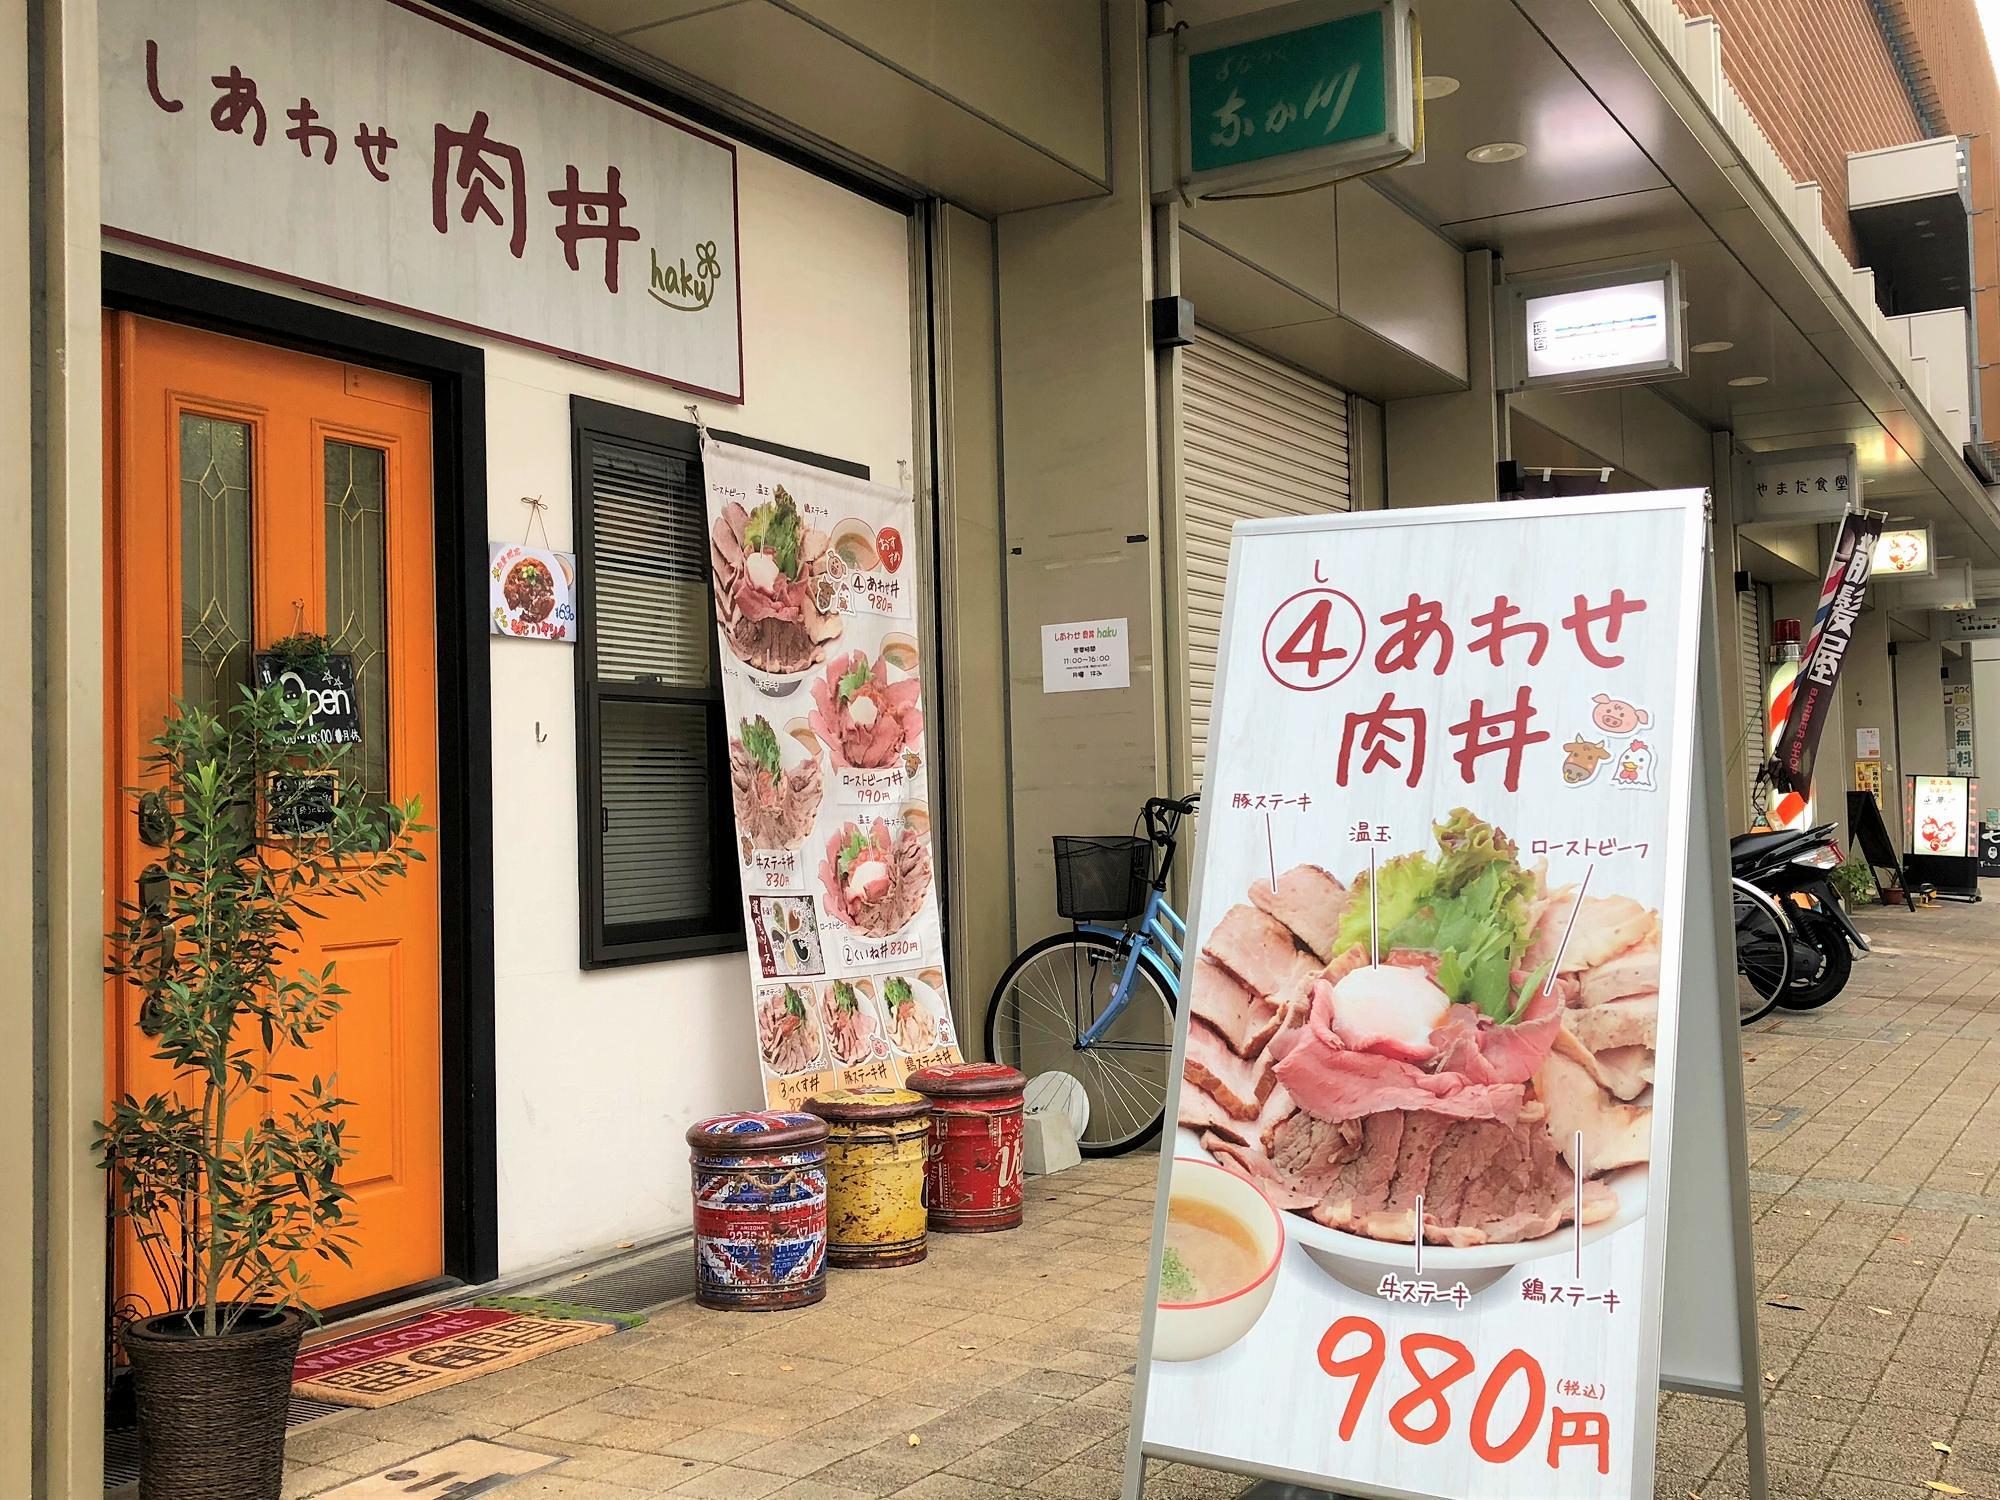 【いい肉の日】神戸・六甲道の「しあわせ肉丼 haku」さんで、肉丼をかぶりついてきた! #しあわせ肉丼 #JR六甲道